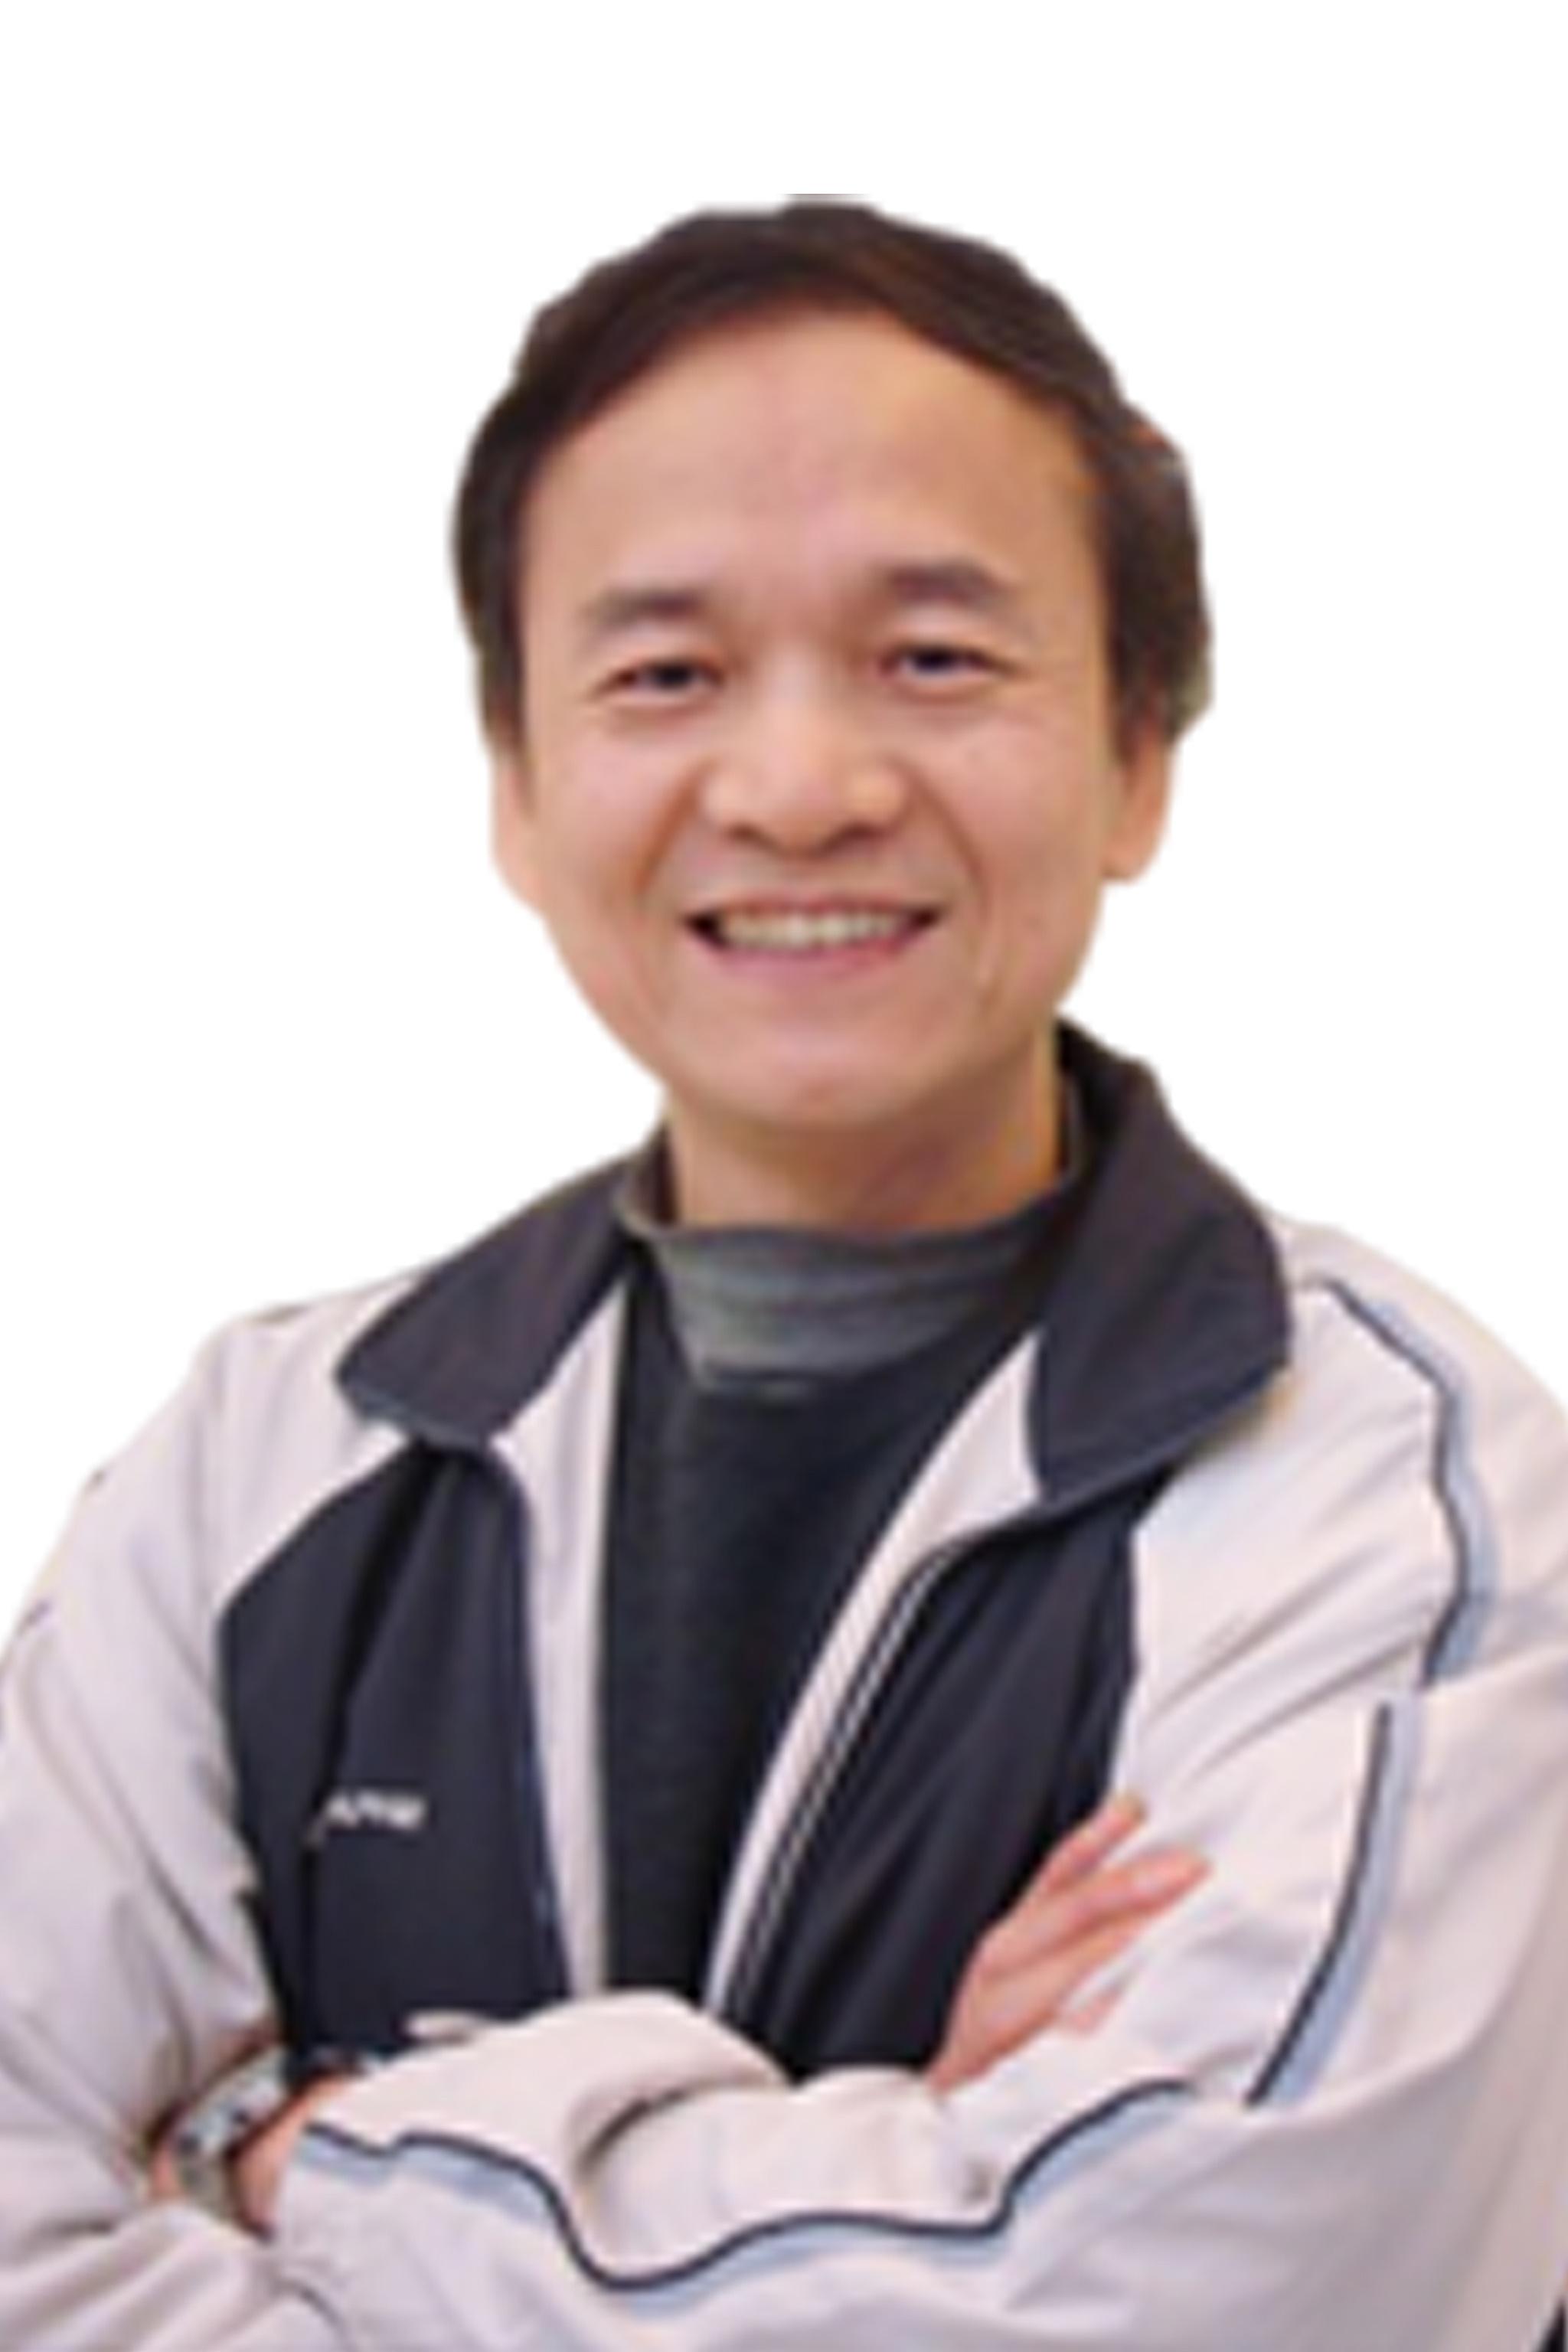 陳秋民 臺灣東吳大學物理系教授 科學隊長特邀專家